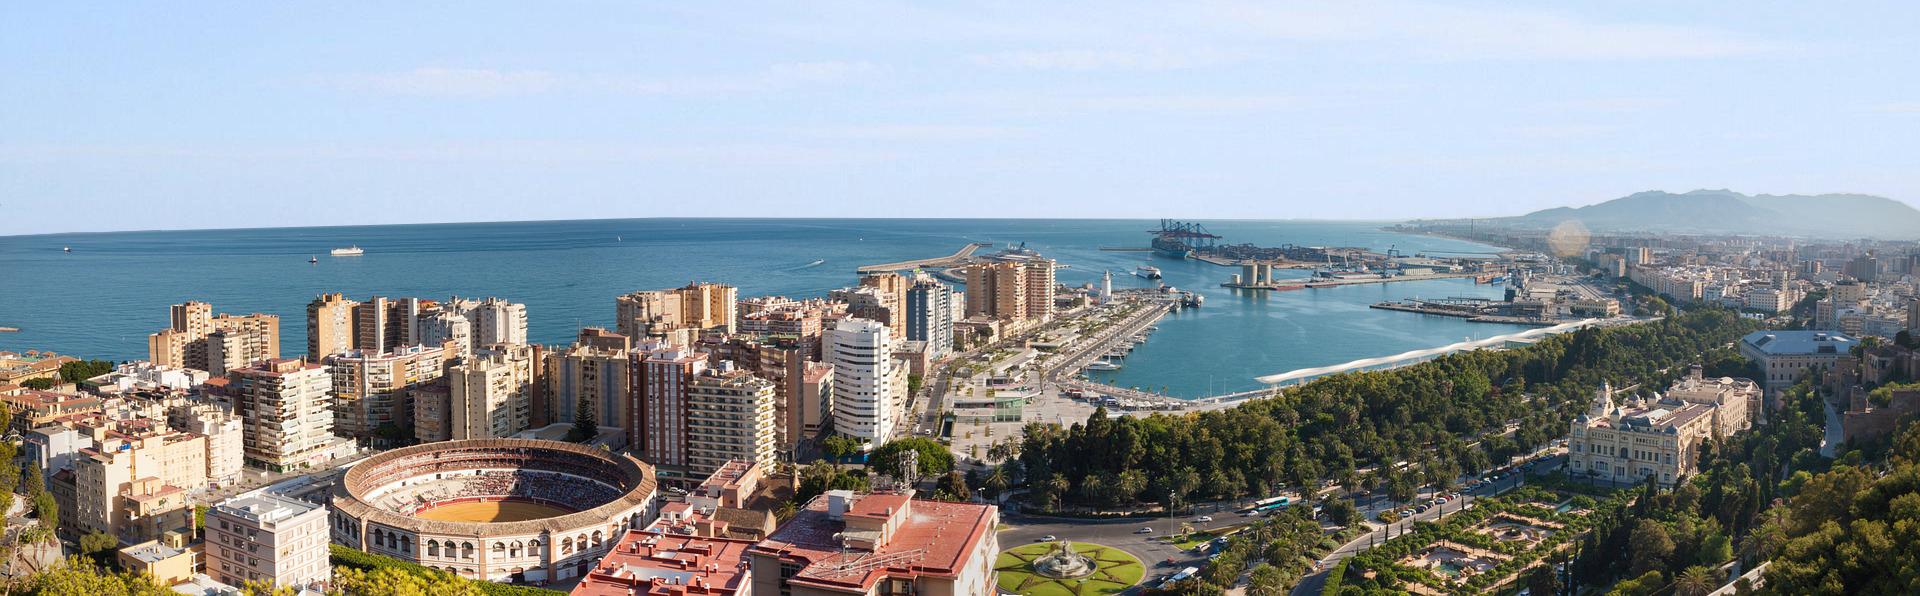 Enjoy Malaga